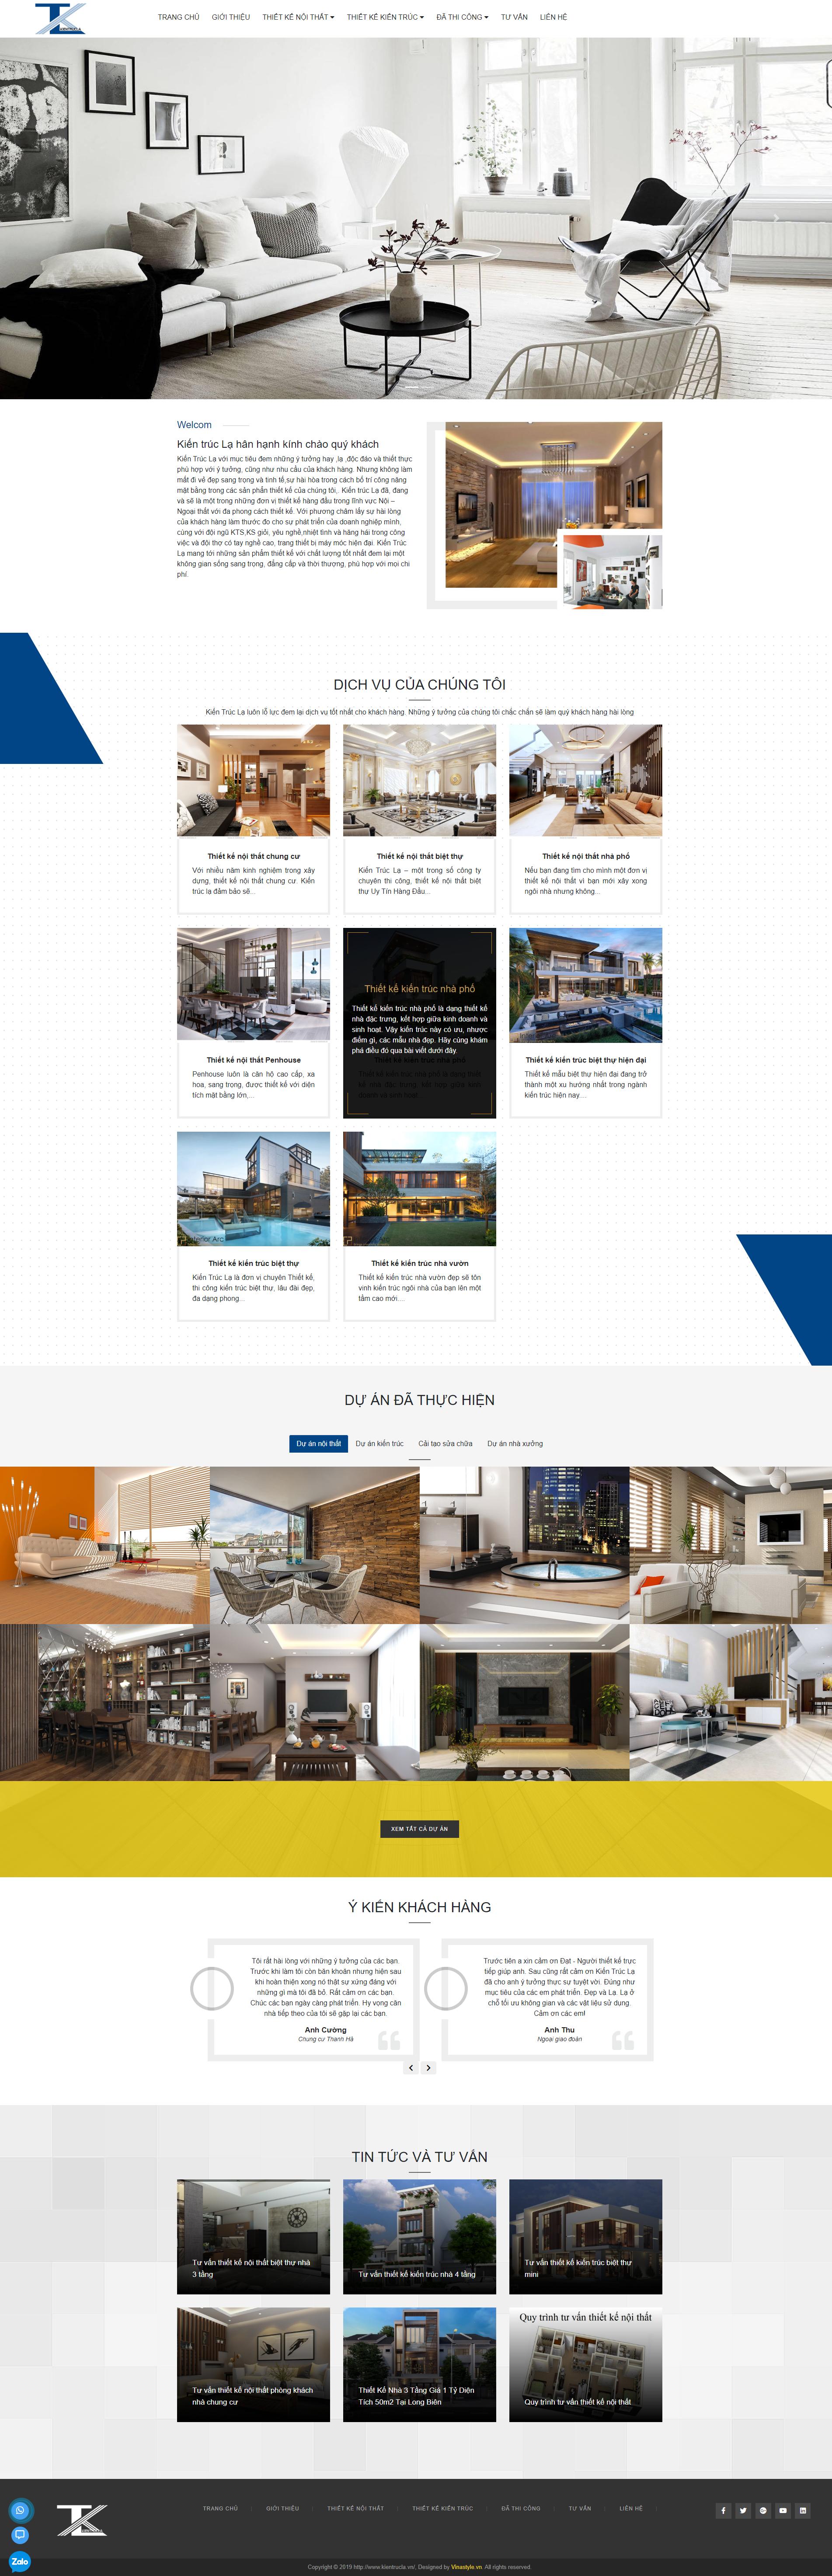 Công ty cổ phần Kiến Trúc Lạ - Thi kế thi công nội thất, kiến trúc